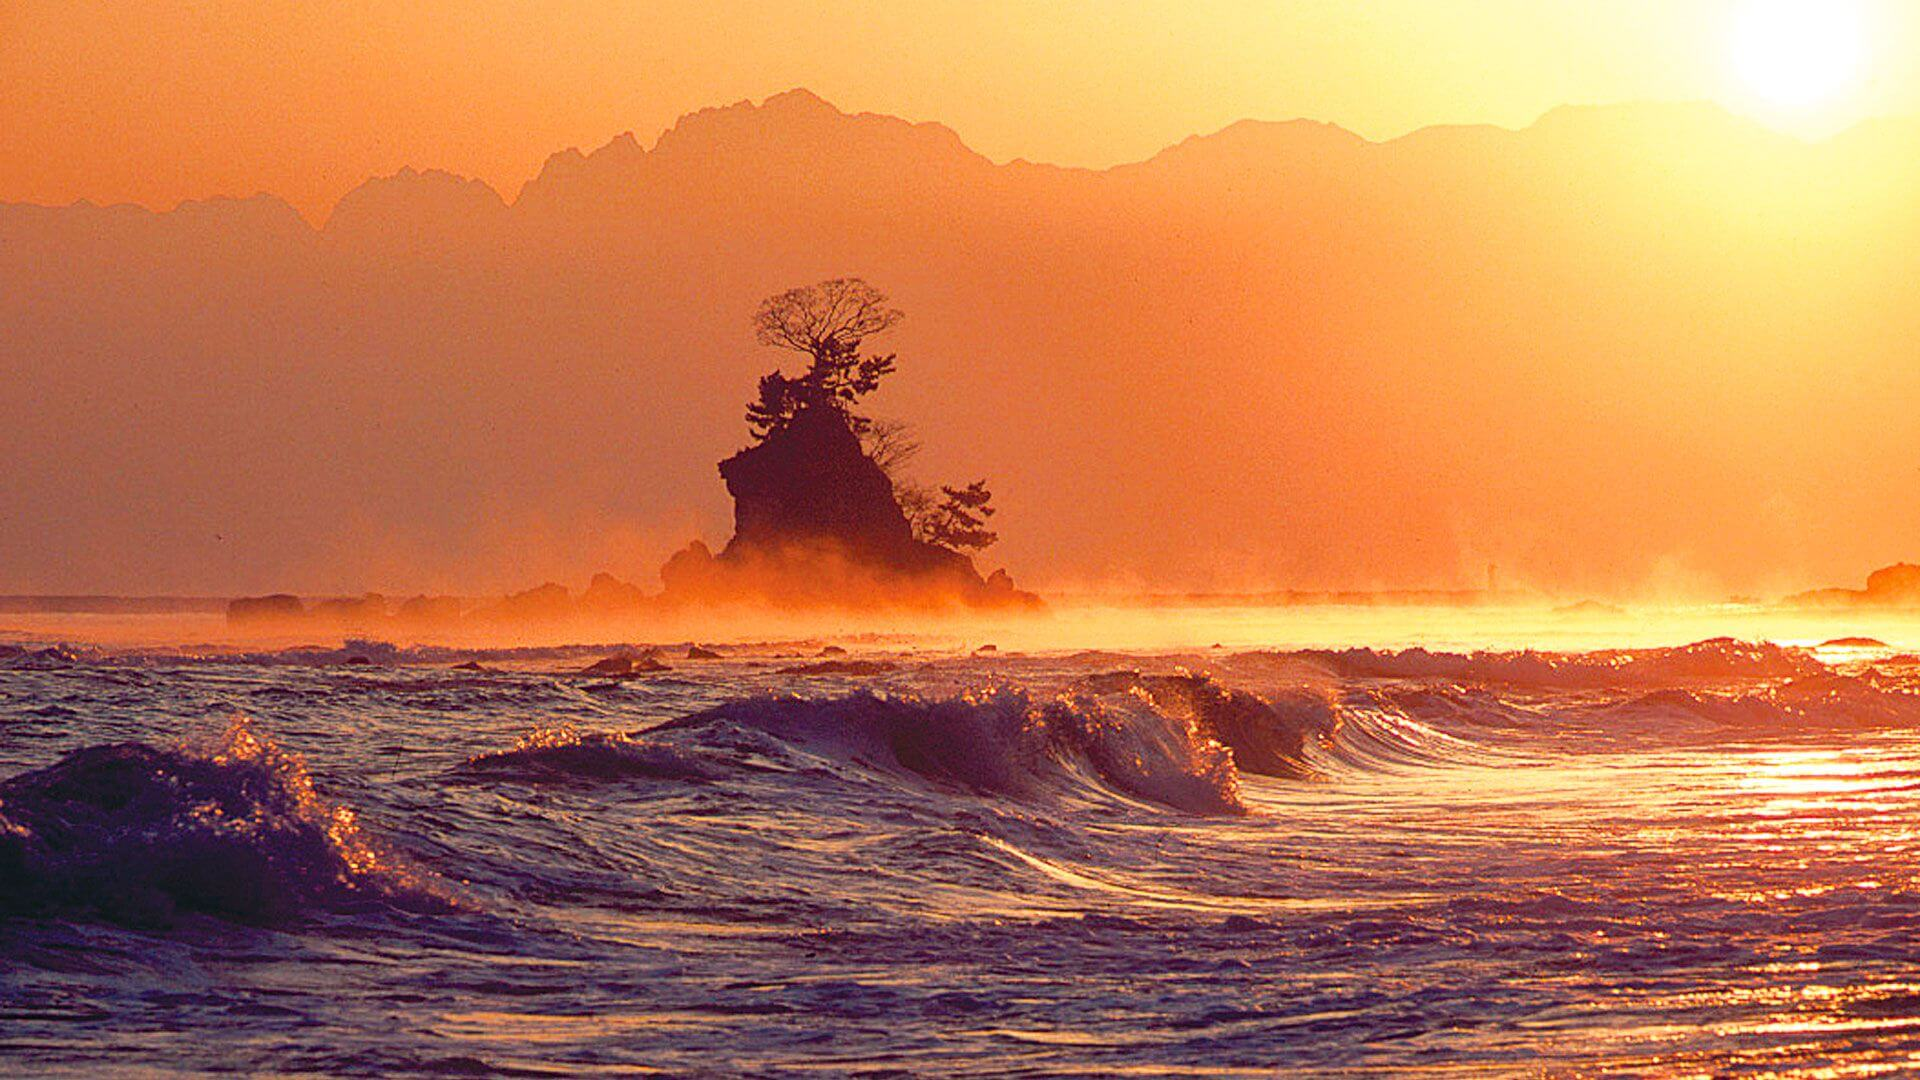 経産省が日本の魅力を発信する「PHOTO METI」を公開!そこに写された北陸の美とは